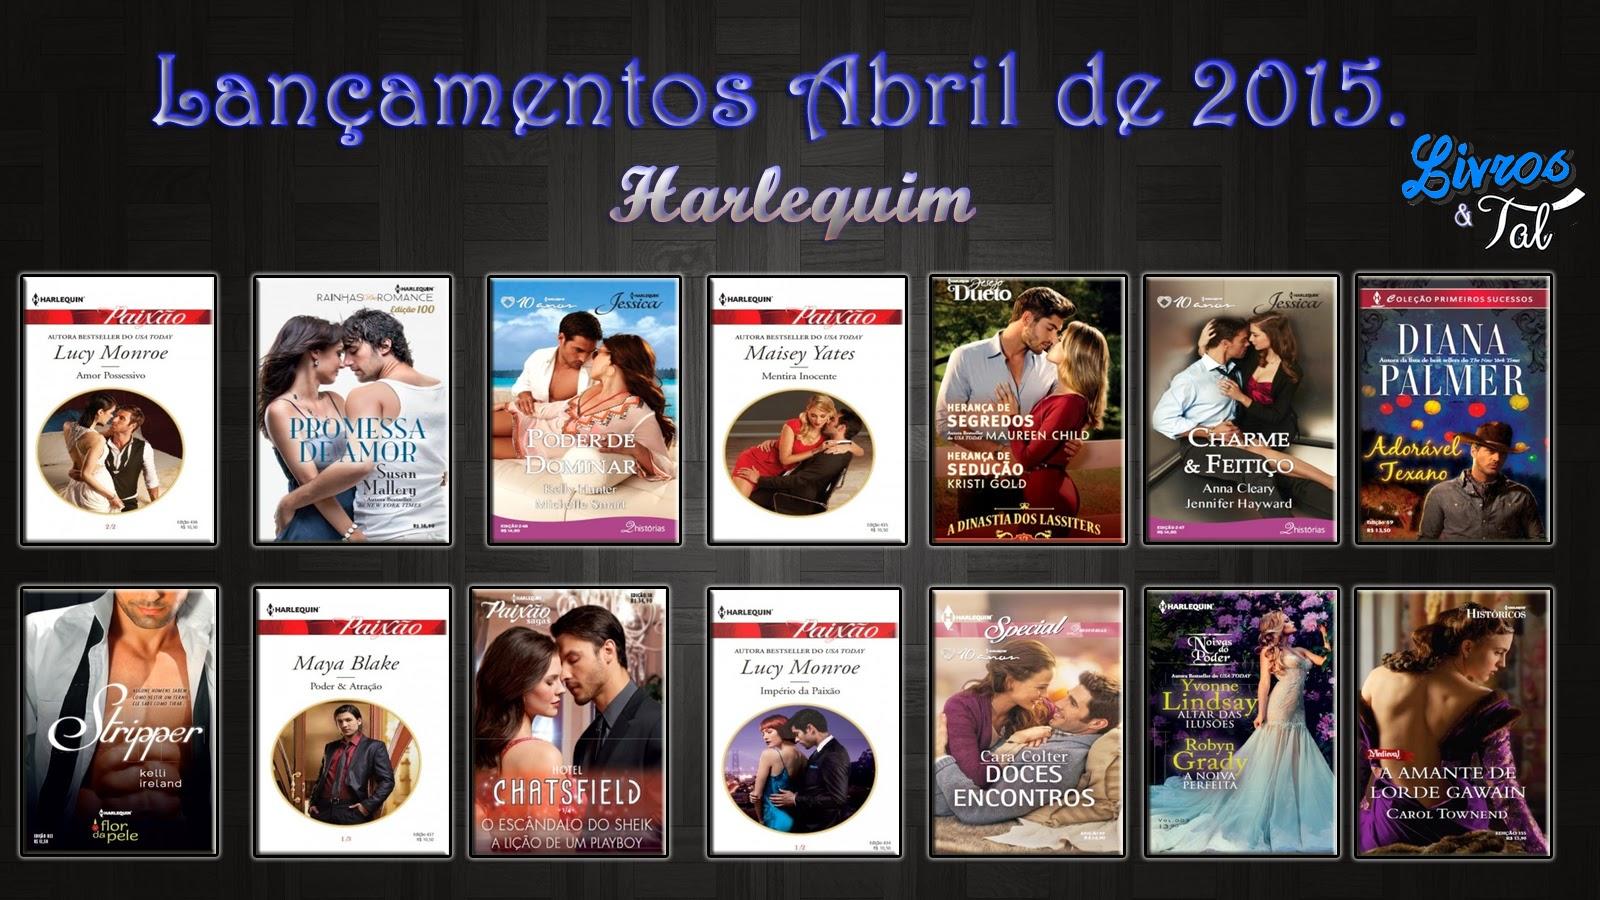 http://livrosetalgroup.blogspot.com.br/p/lancamentos-abril-de-2015-editora_56.html